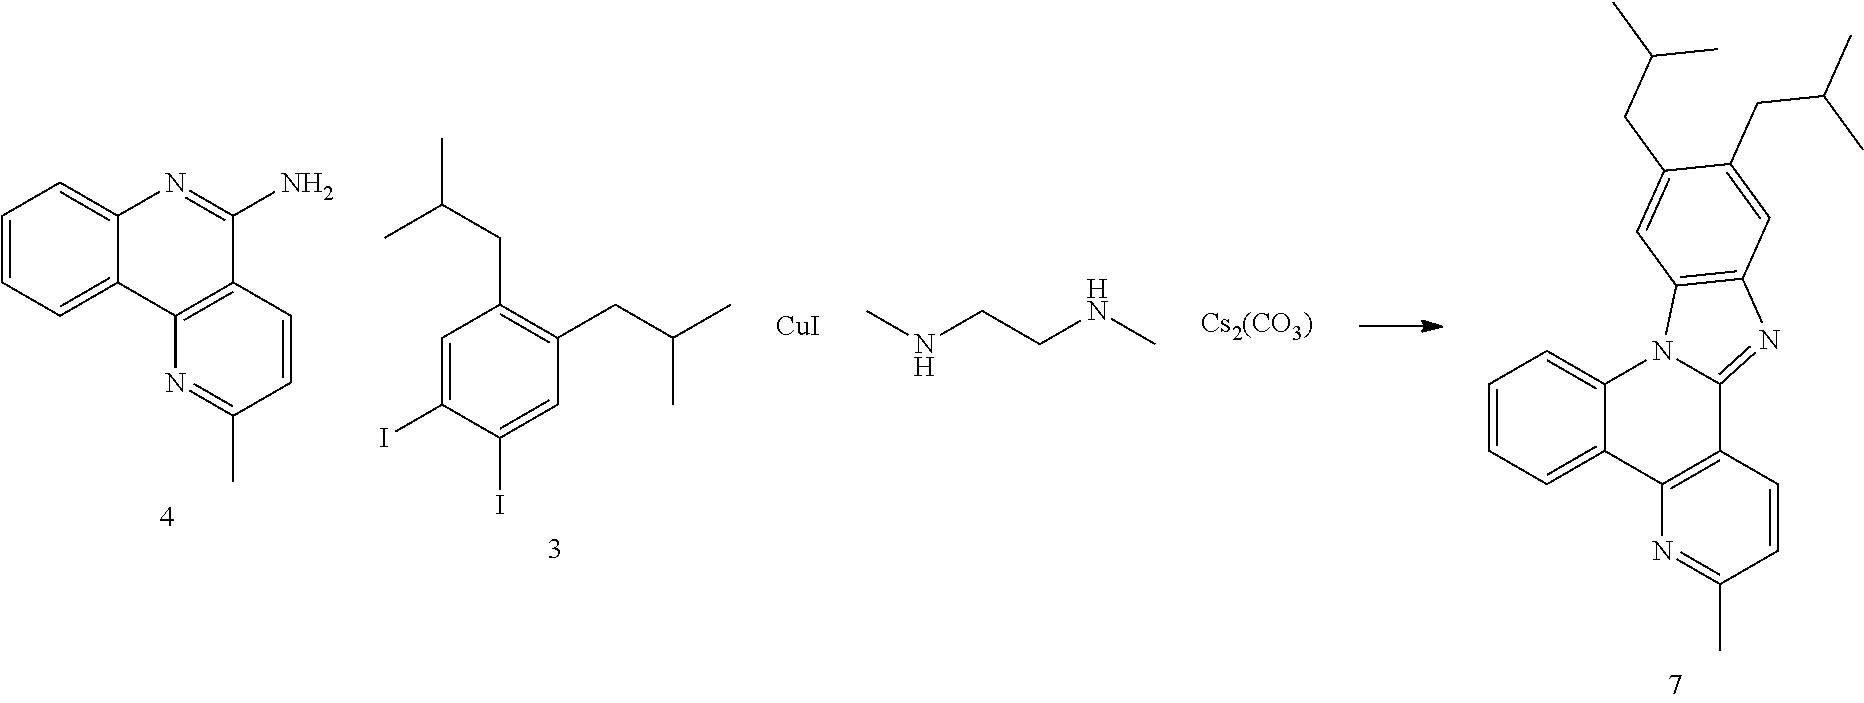 Figure US09905785-20180227-C00383